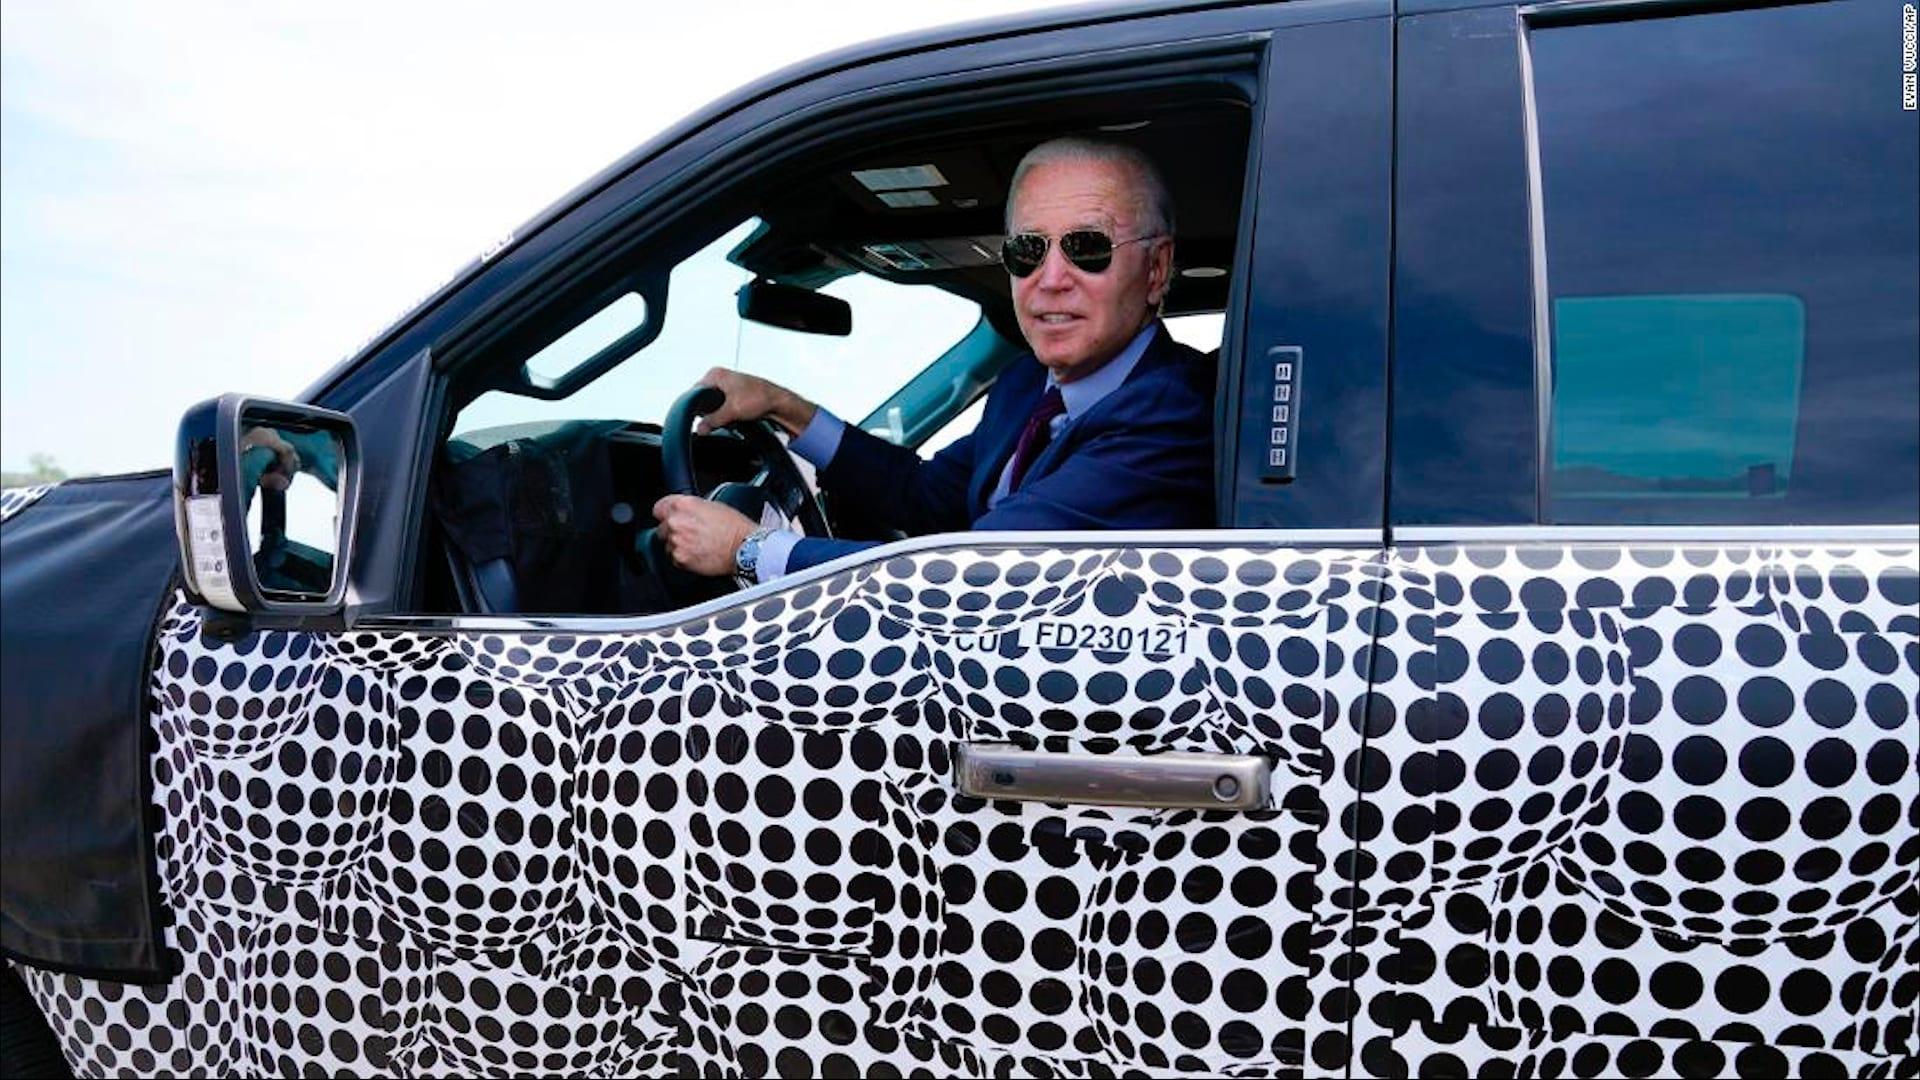 شاهد.. بايدن يختبر قيادة شاحنة فورد الكهربائية الجديدة